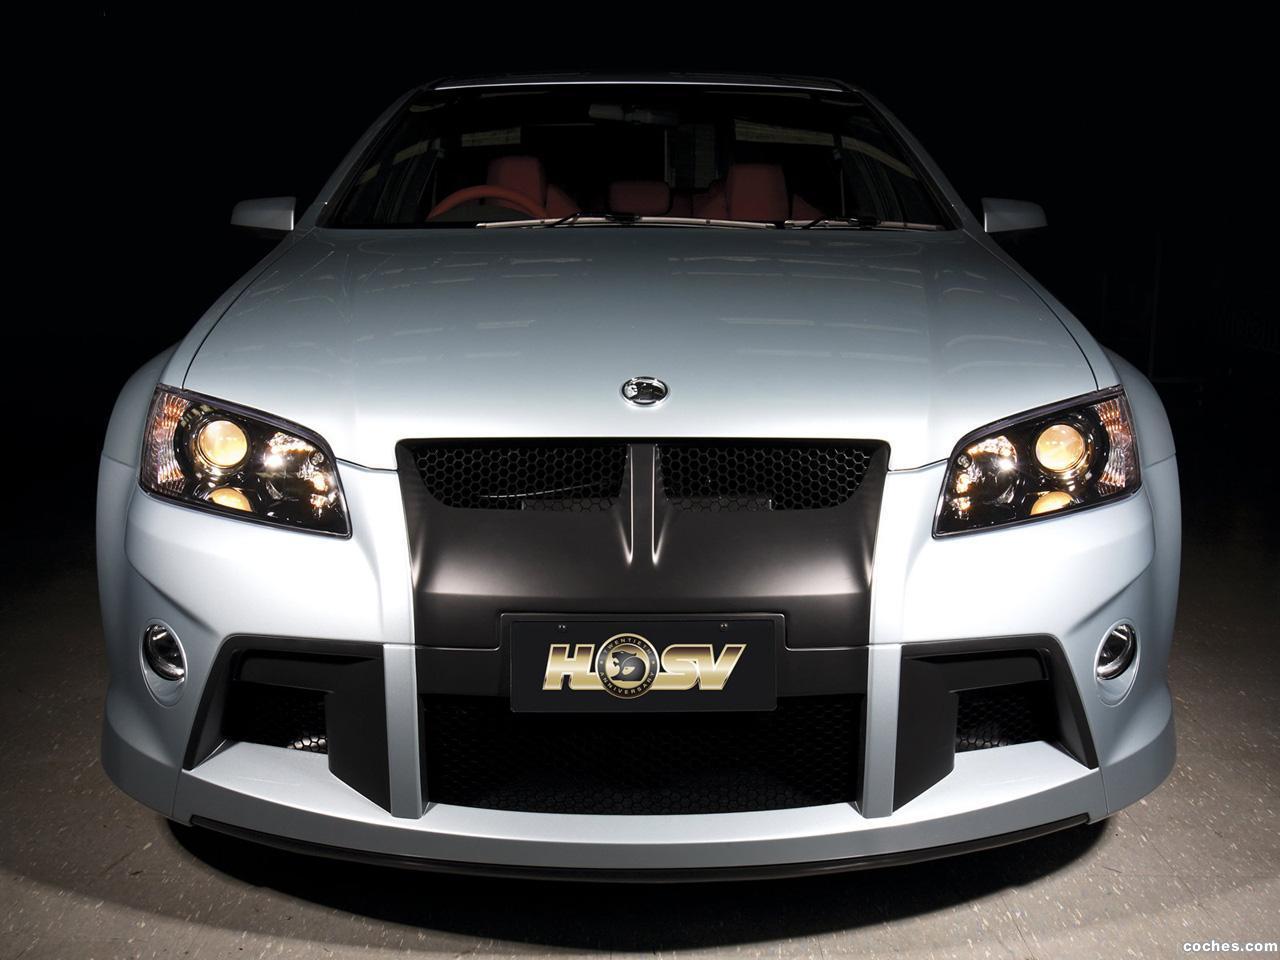 Foto 0 de Holden HSV W427 Concept 2008